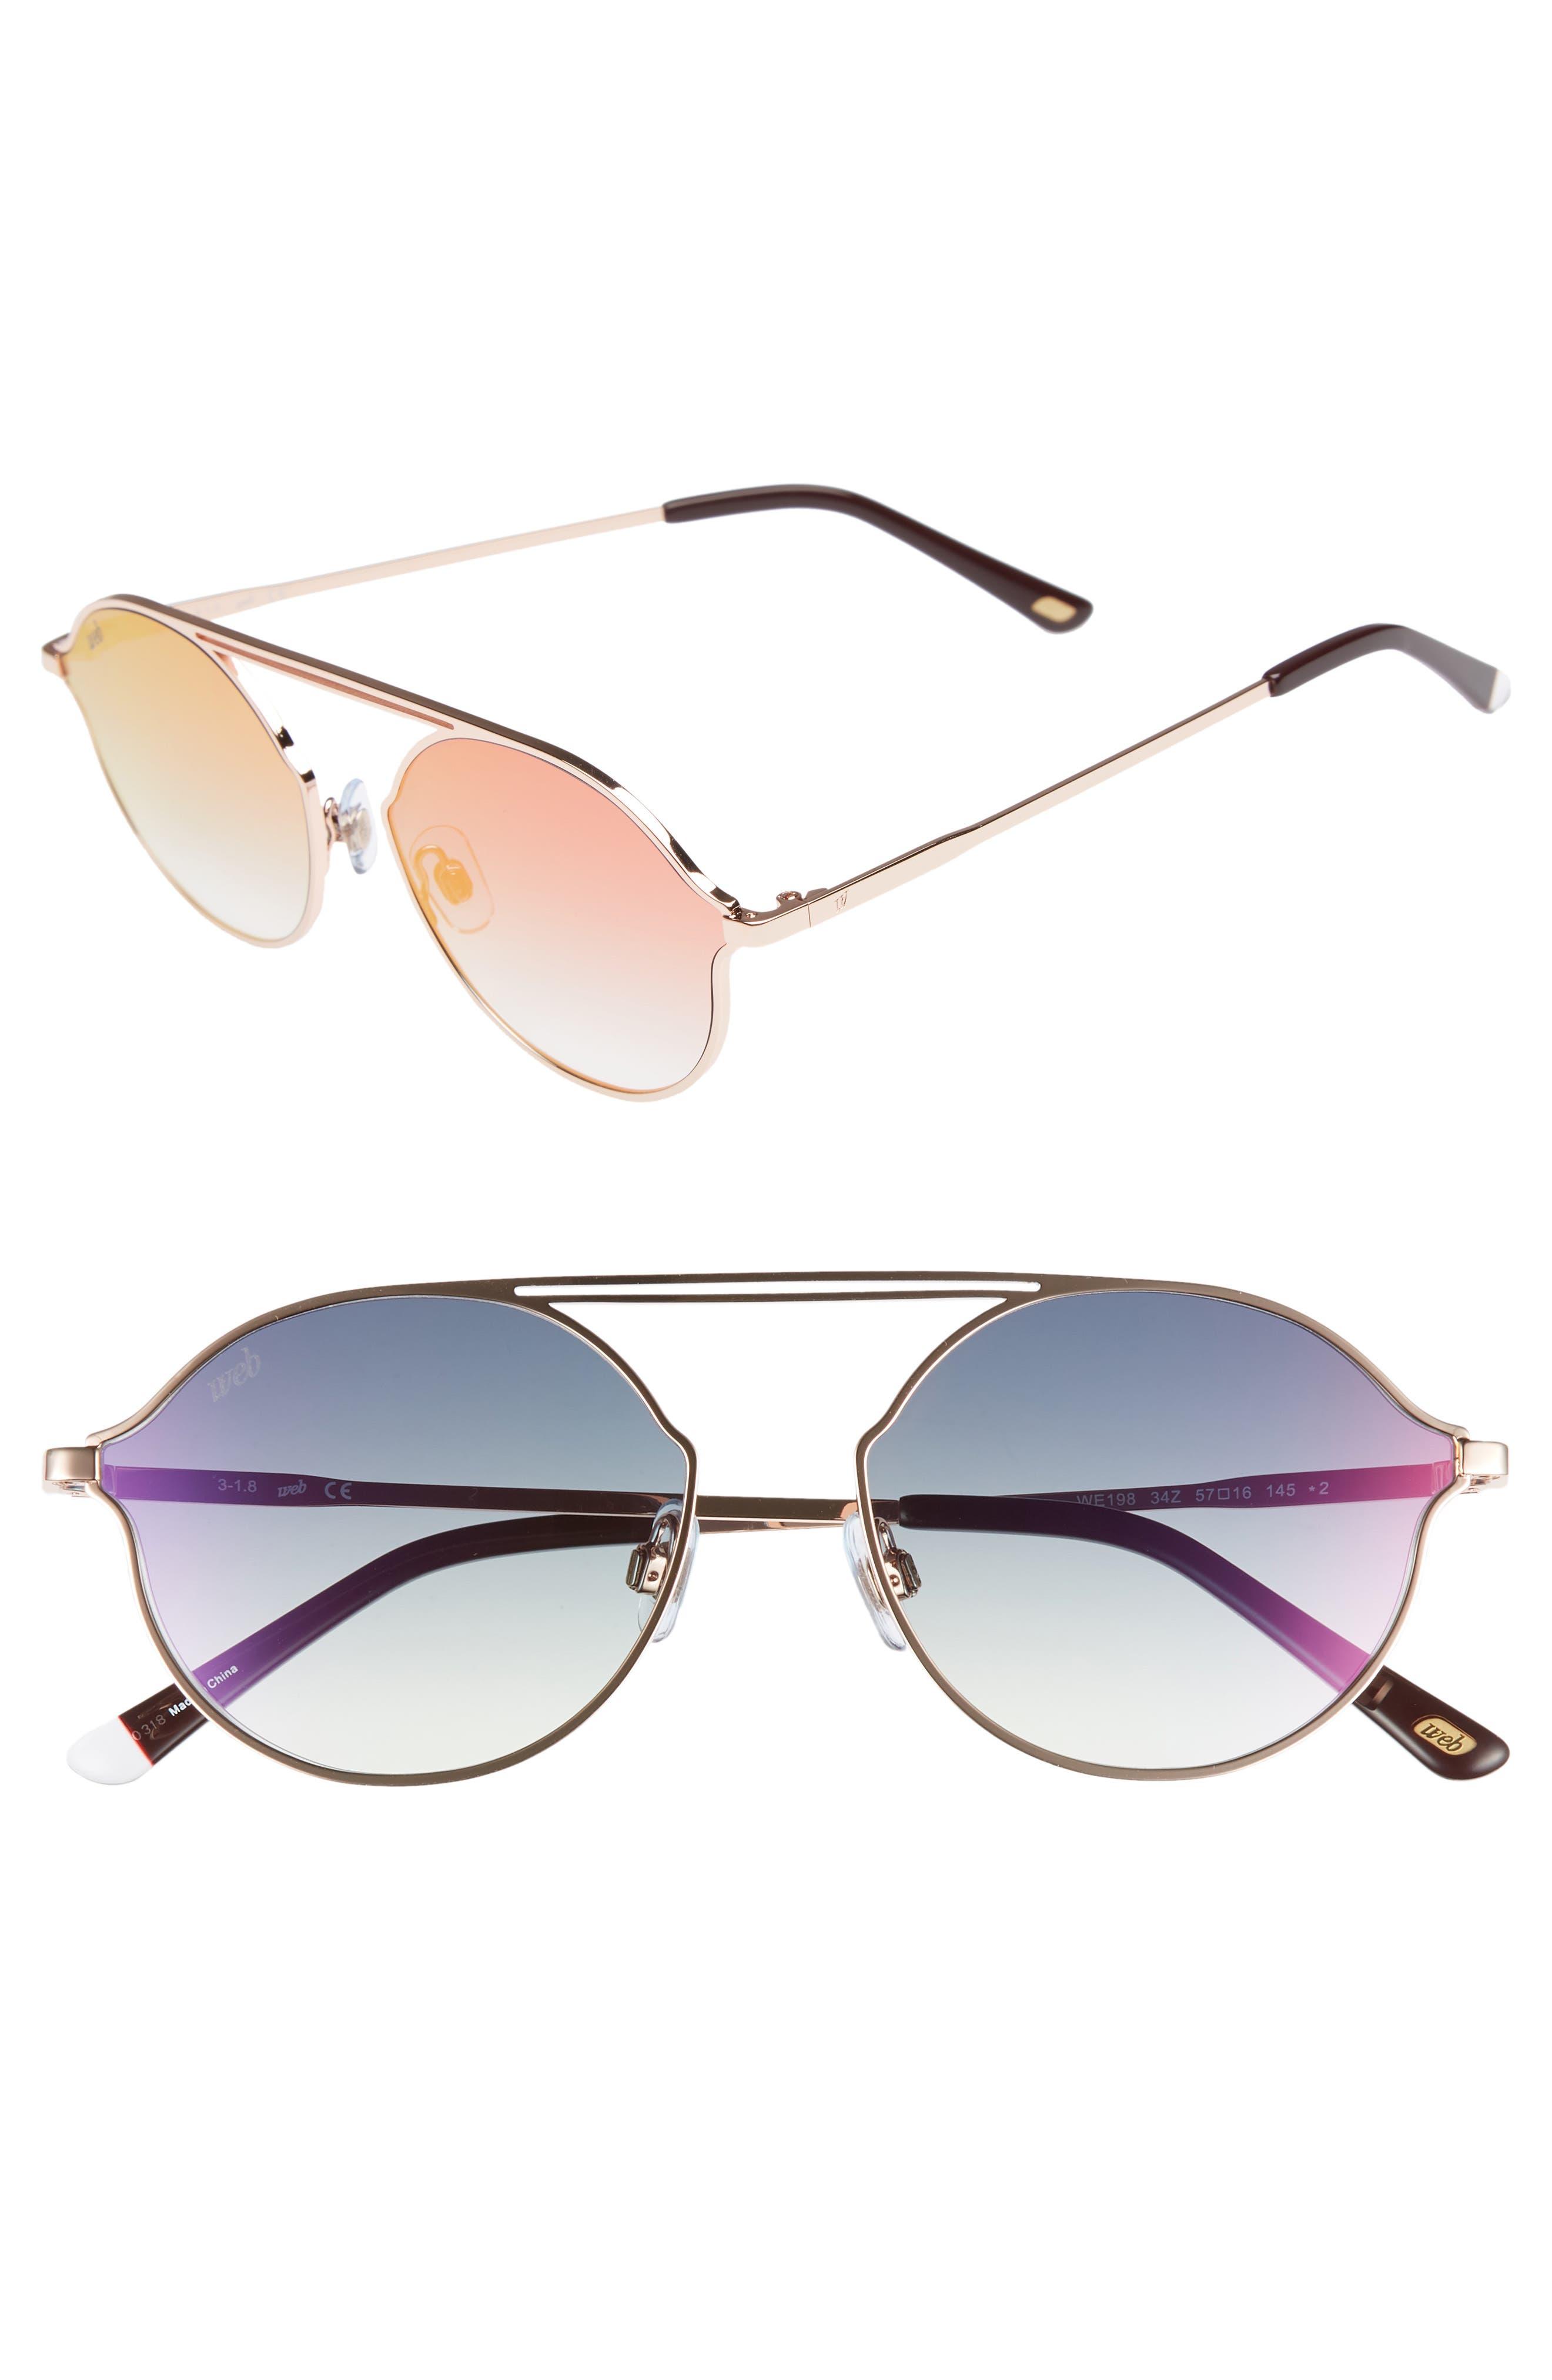 704b0f18bc6b7 WEB Sunglasses for Women